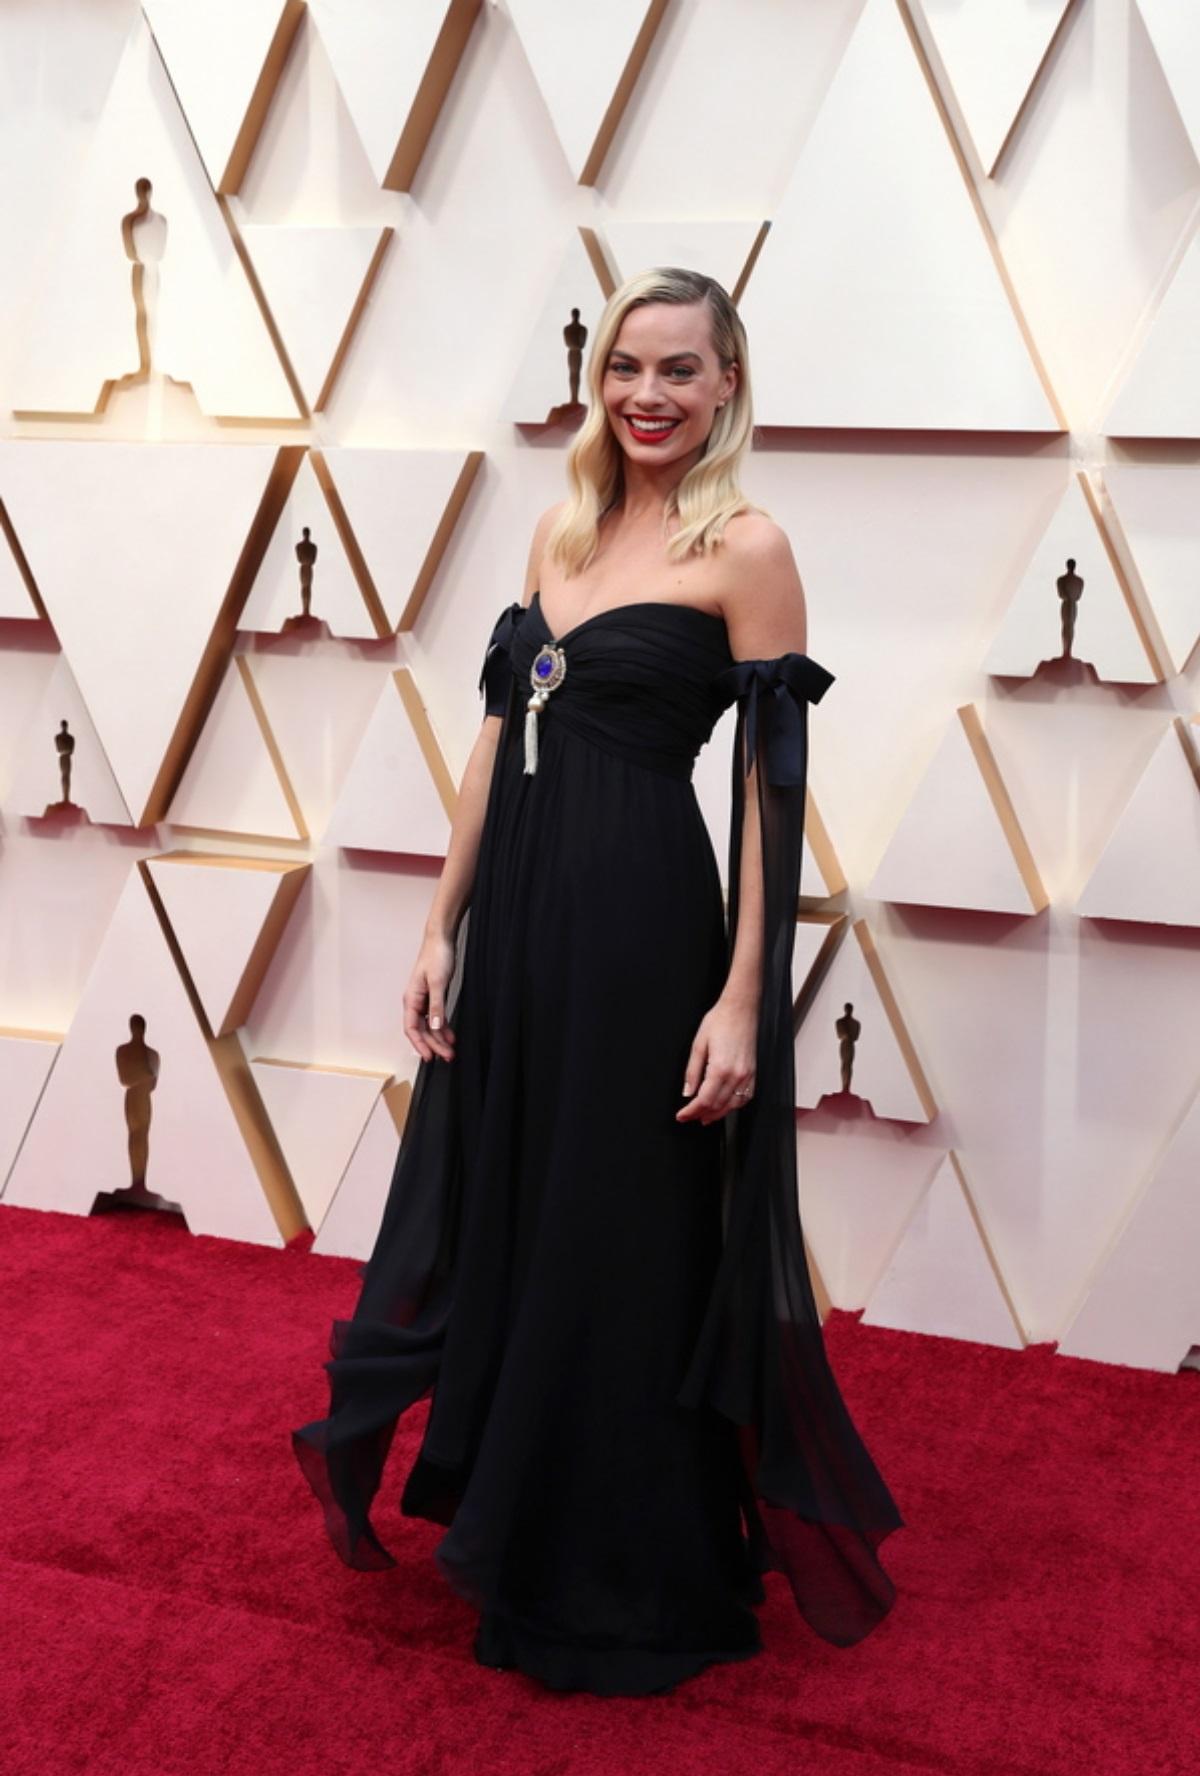 Η Barbie γίνεται ταινία: Η σκηνοθέτης «έκπληξη» και η εντυπωσιακή πρωταγωνίστρια